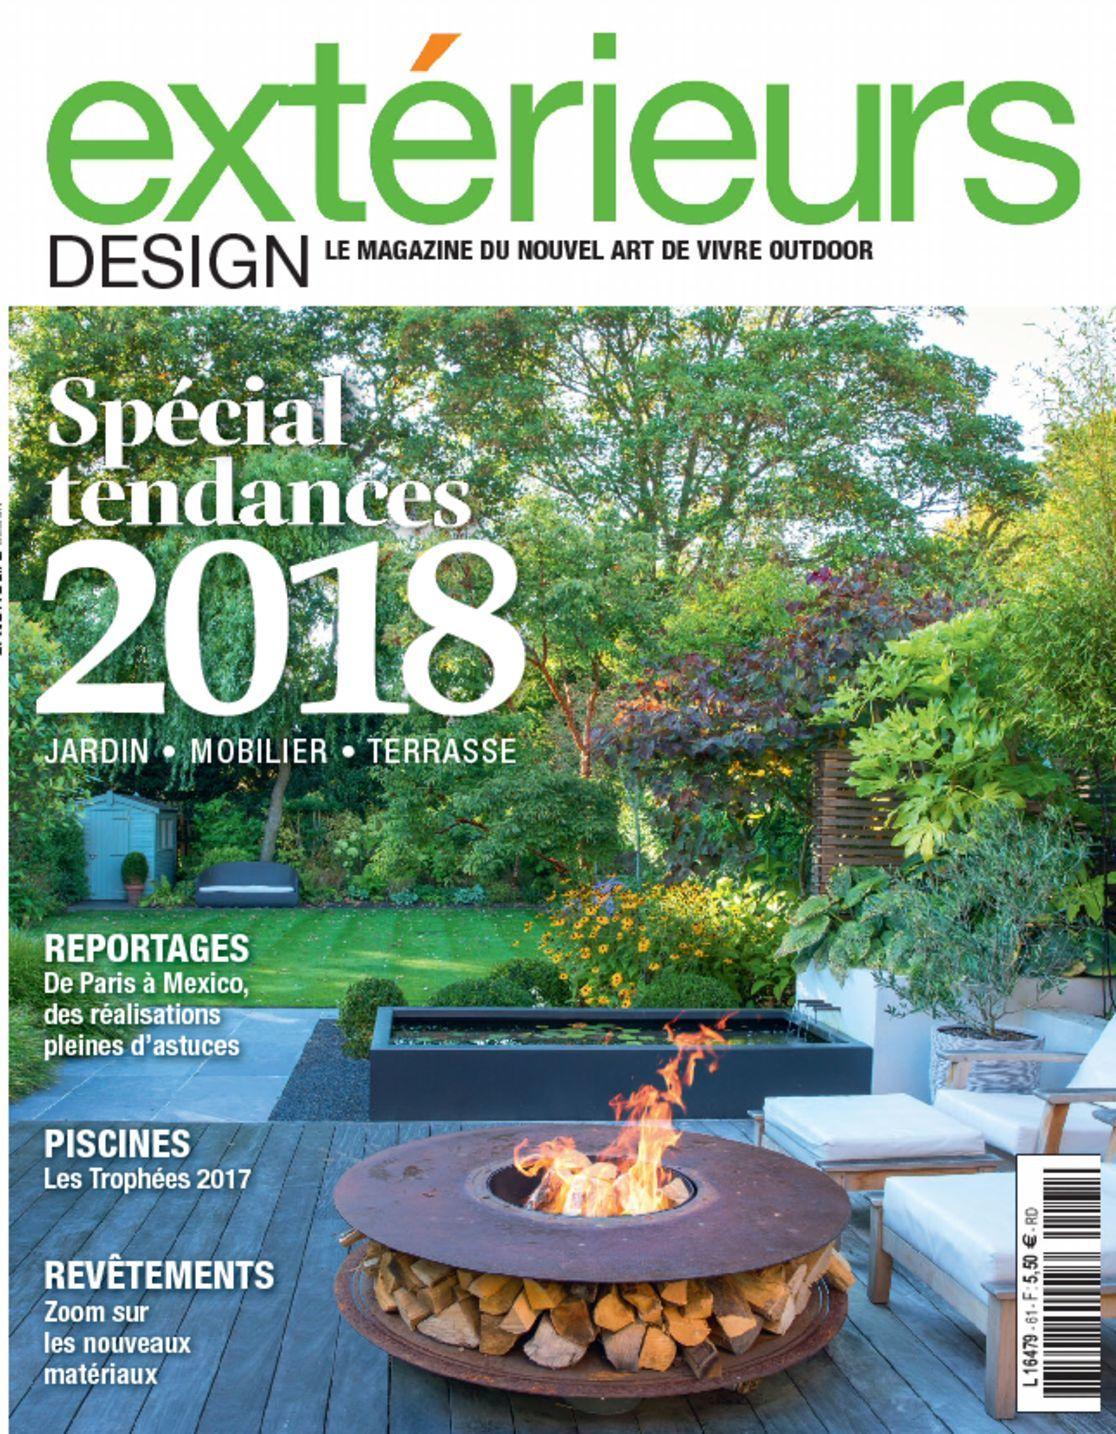 Extérieurs Design Magazine Subscription (Digital)